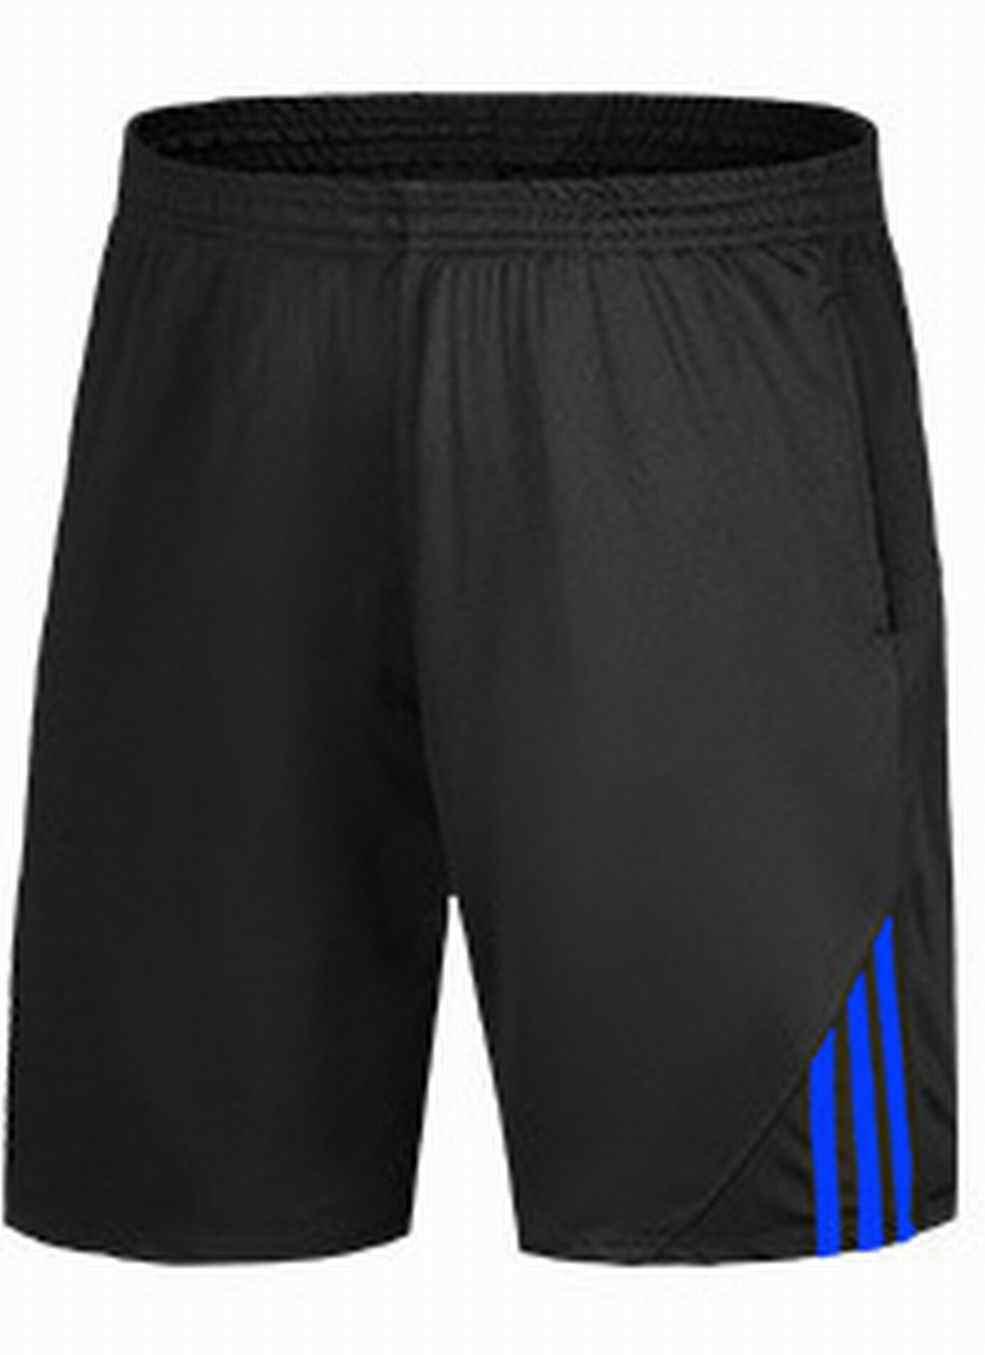 Мужские спортивные шорты для спортзала тонкие мягкие антибактериальные проветриваемые профессиональные спортивные ткань-сеточка 50 мм широкая эластичная лента